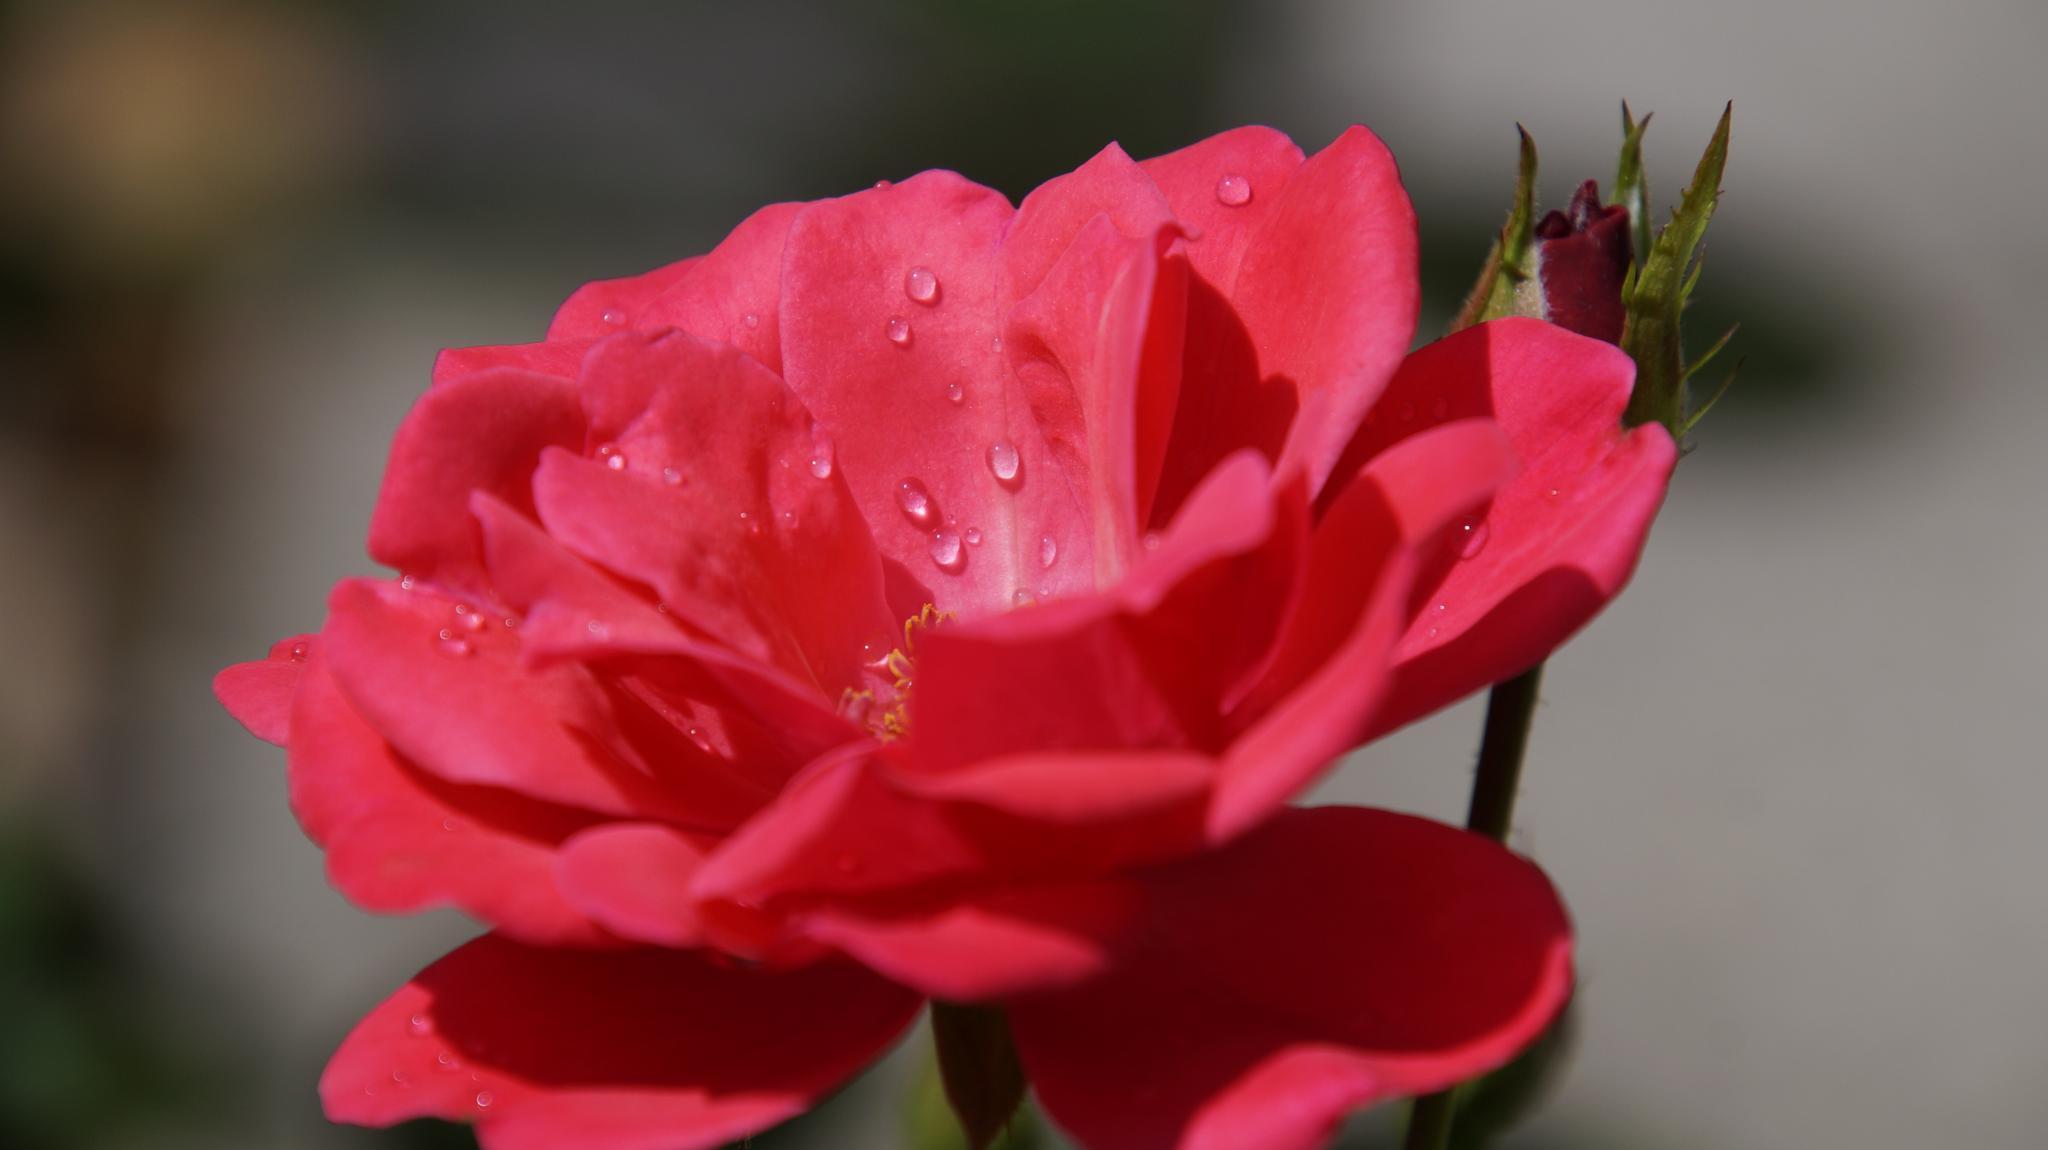 Regentropfen auf Rosenblüte 2 by Michael Kraemer